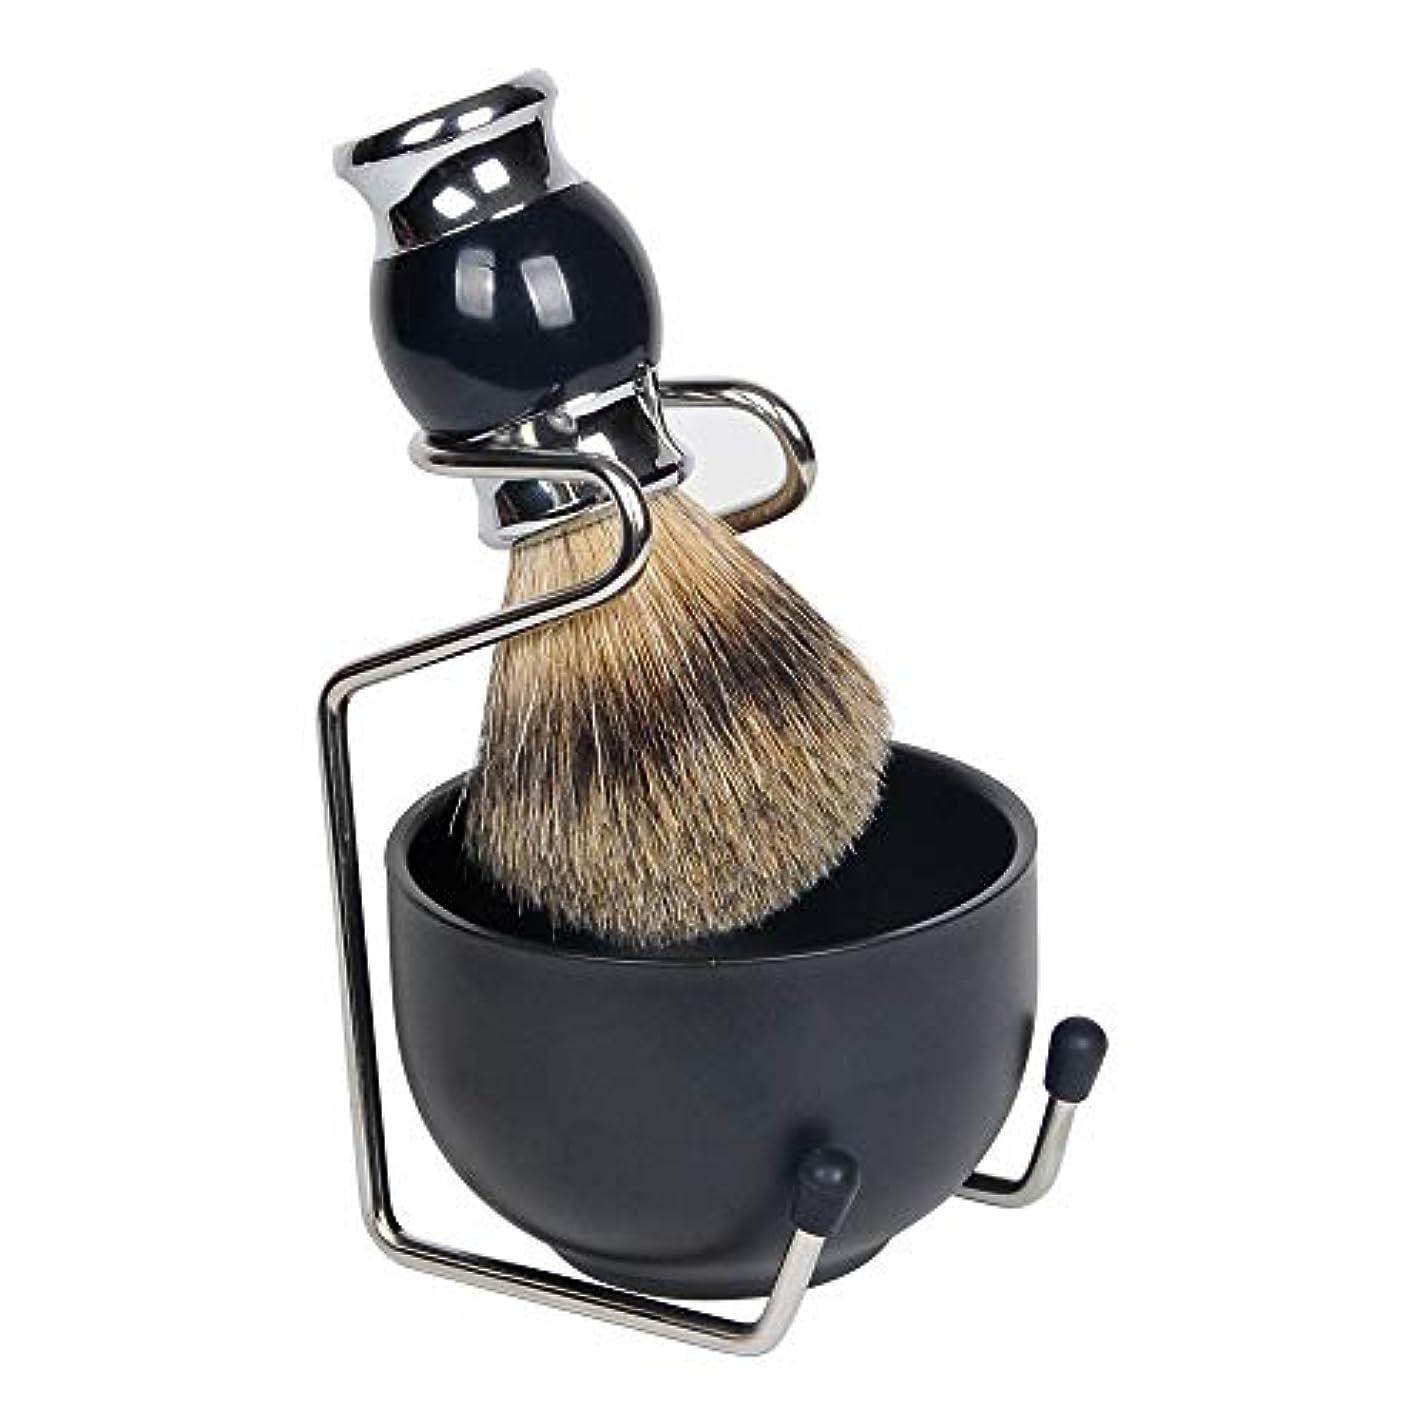 1by1 ひげブラシ シェービングブラシセット シェービング石鹸ボウル 理容 髭剃り 泡立ち 洗顔ブラシ メンズ 100% アナグマ毛(3点セット 金属ブラック)